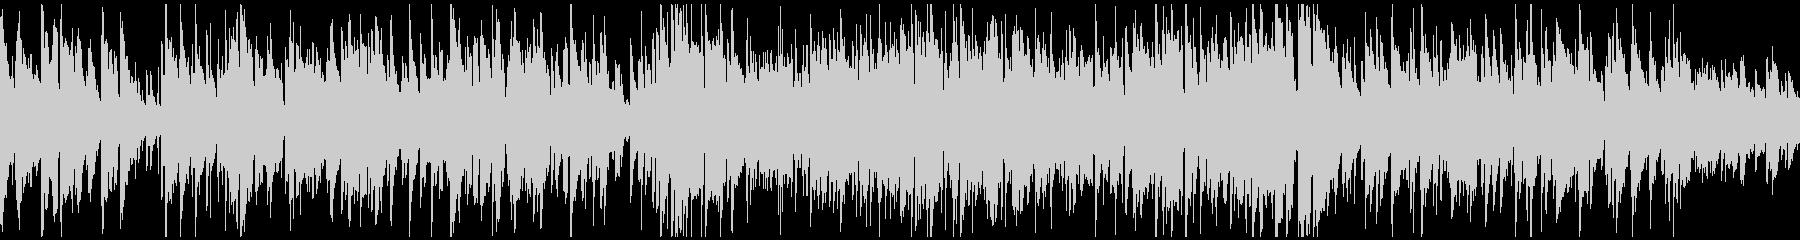 メロディアスおしゃれボサノバ ※ループ版の未再生の波形